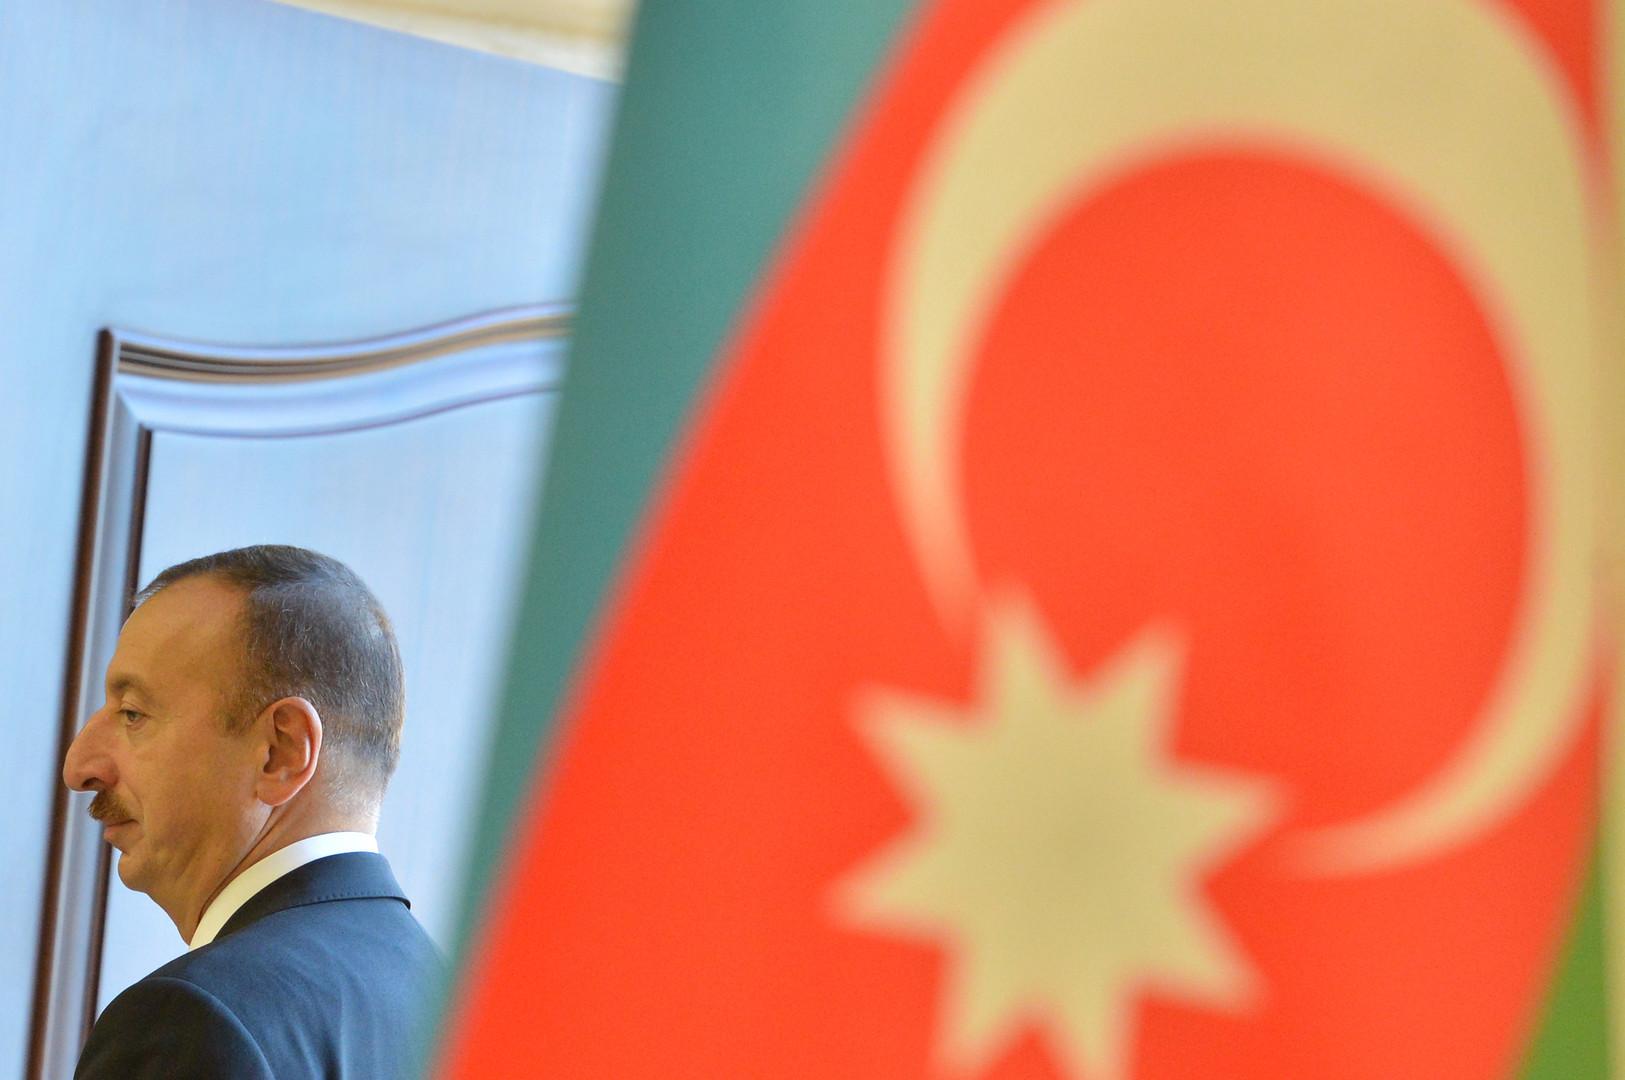 Обновление или сохранение статус-кво: эксперты о референдуме по конституции Азербайджана